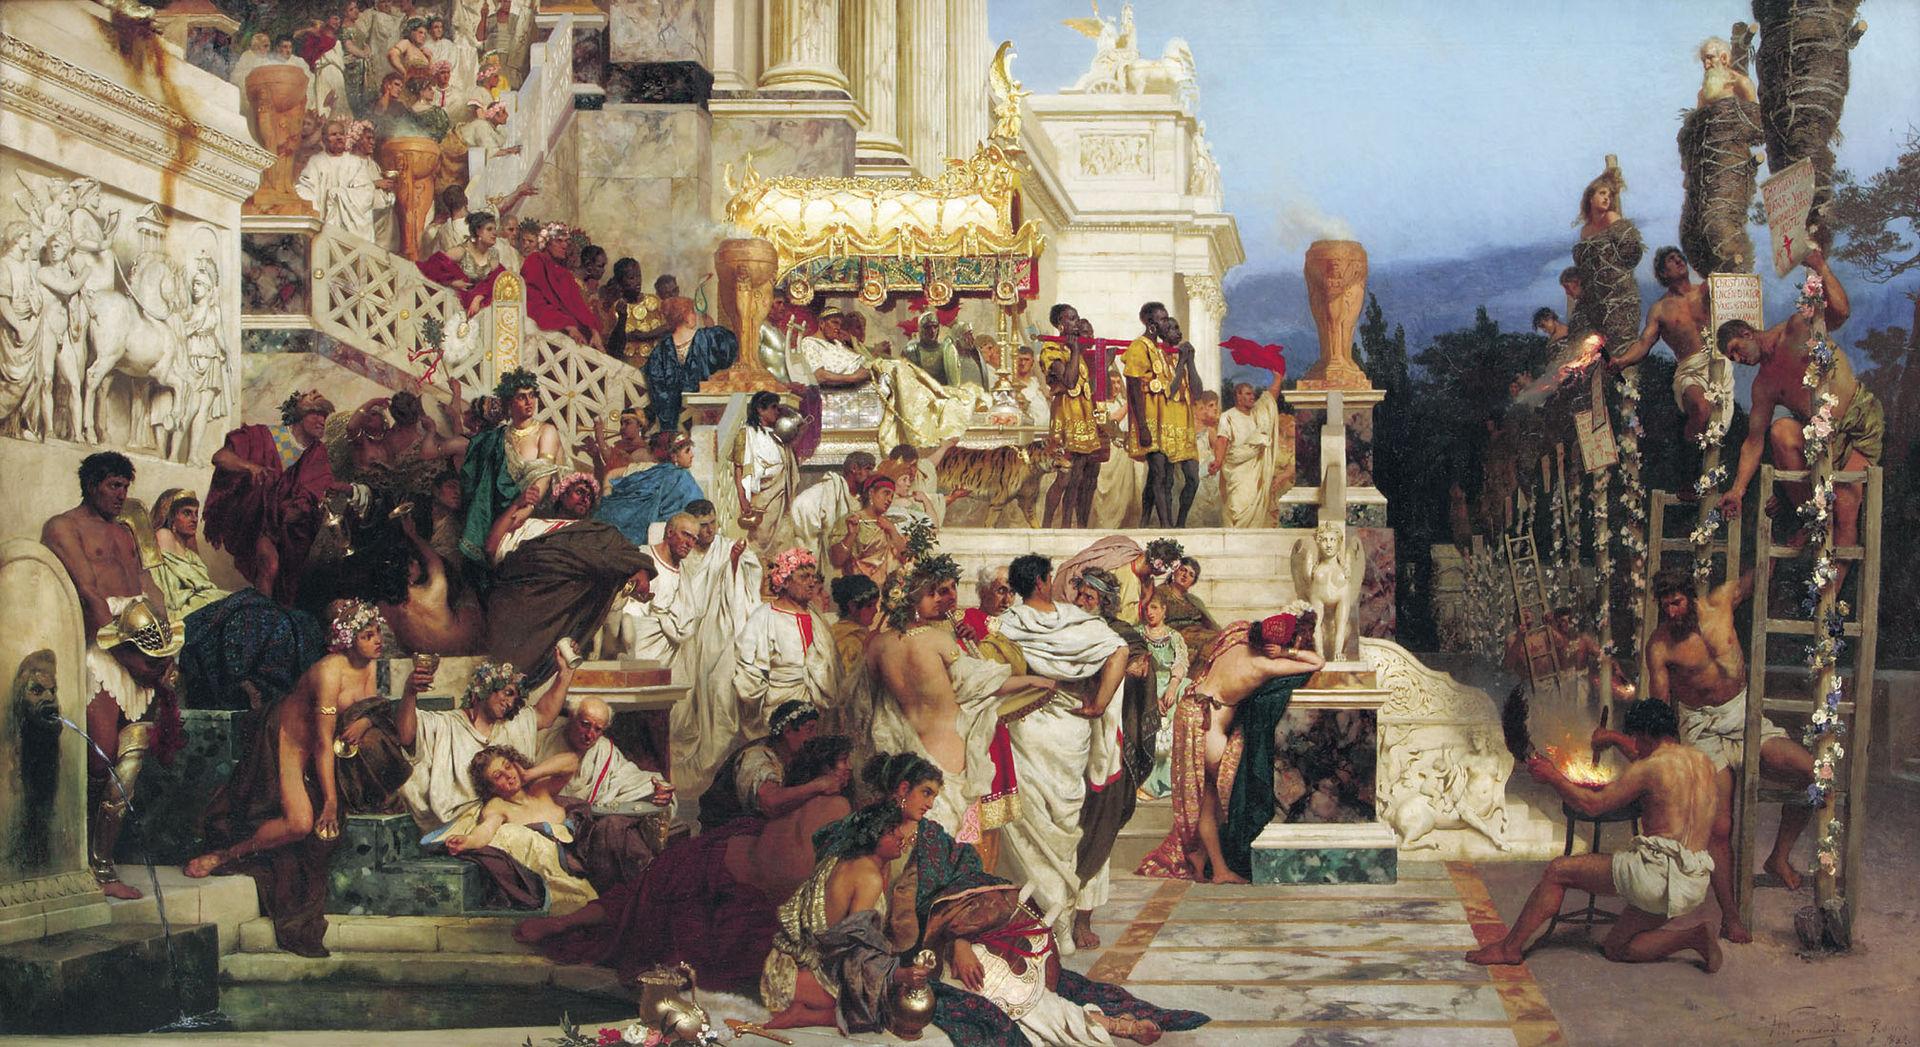 Henryk Siemiradzki - Torțele lui Nero – chiar dacă am demontat parțial martiriul creștinilor de după incendiul din Roma, legenda rămâne